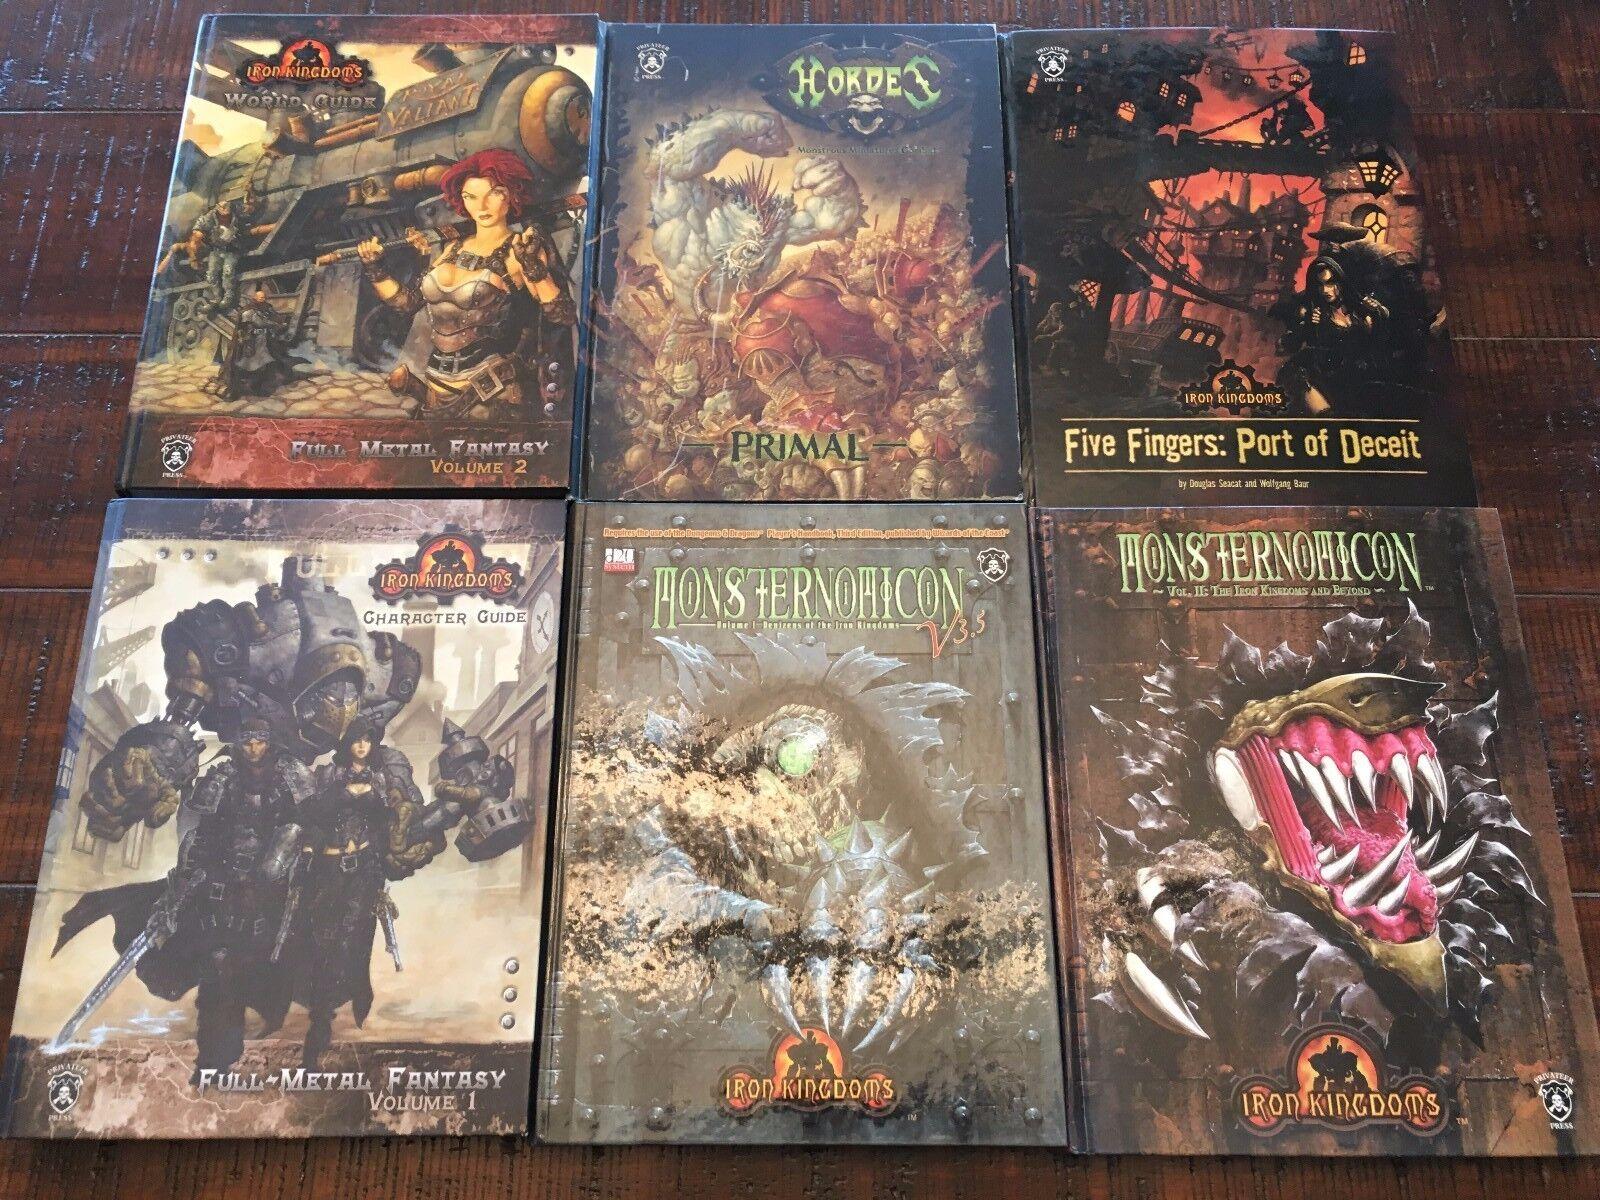 IRON KINGDOM Full Metal Metal Metal Fantasy RPG LOT Character Guide, World Guide & More OOP 32e0fc